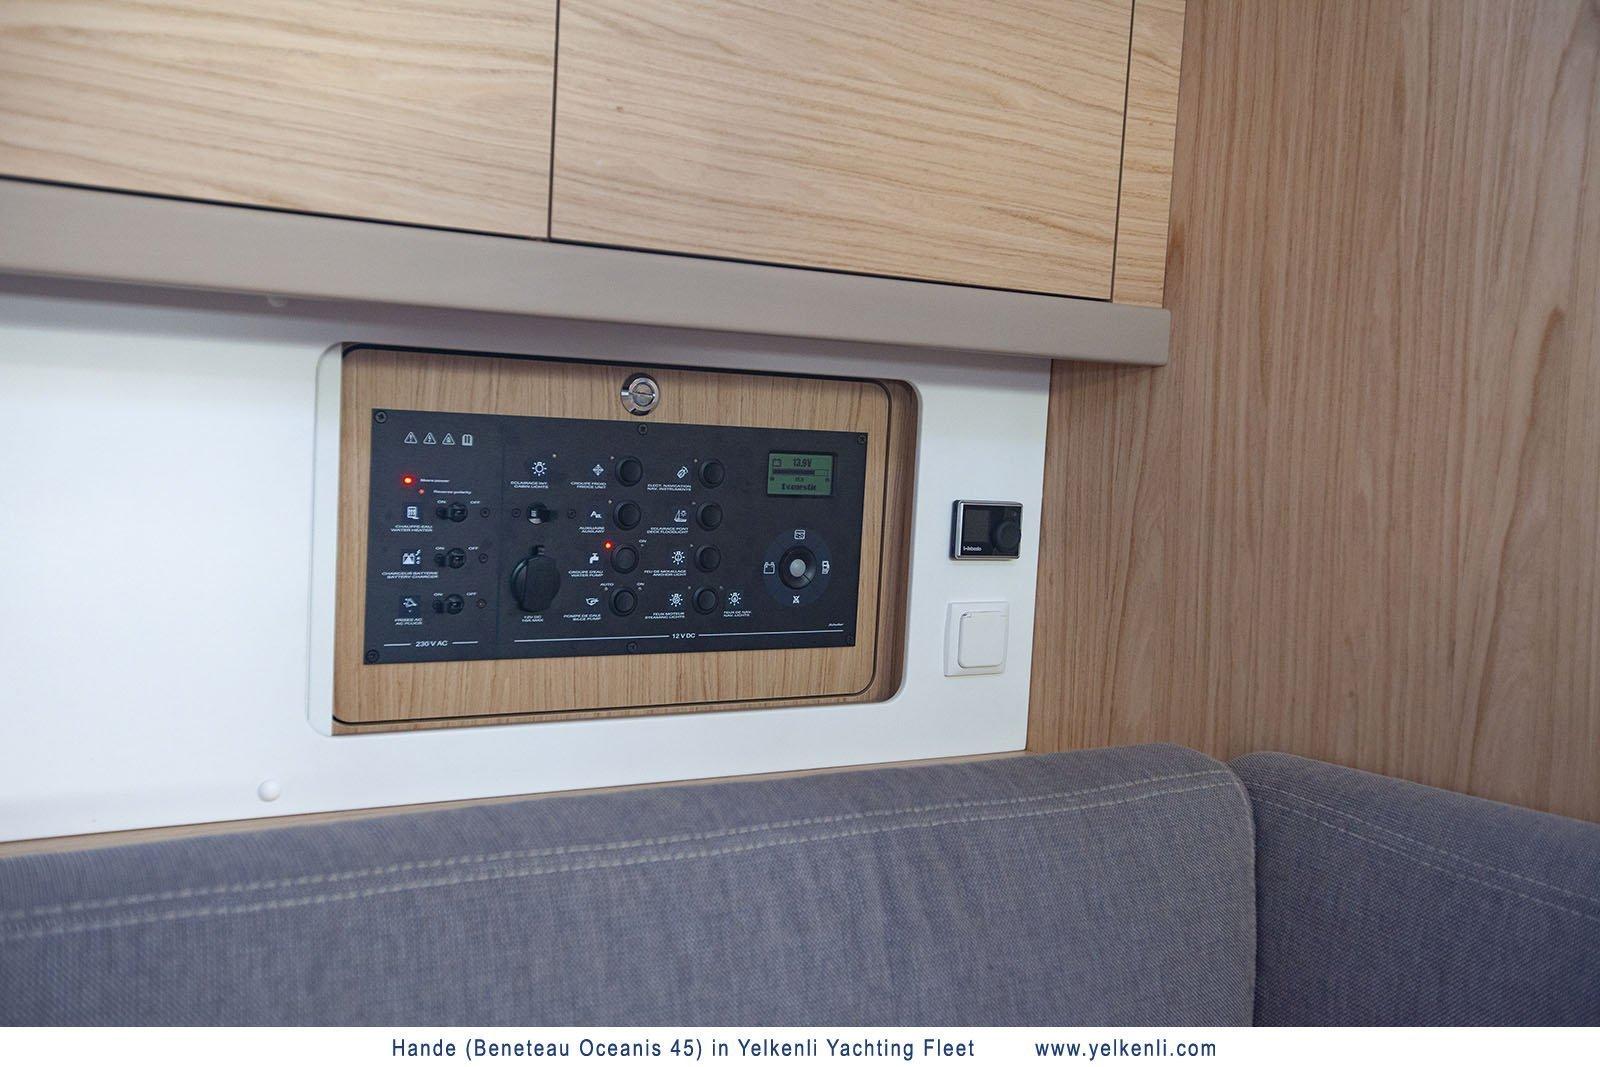 Oceanis 45 (2018) (Hande) Control Panel - 22